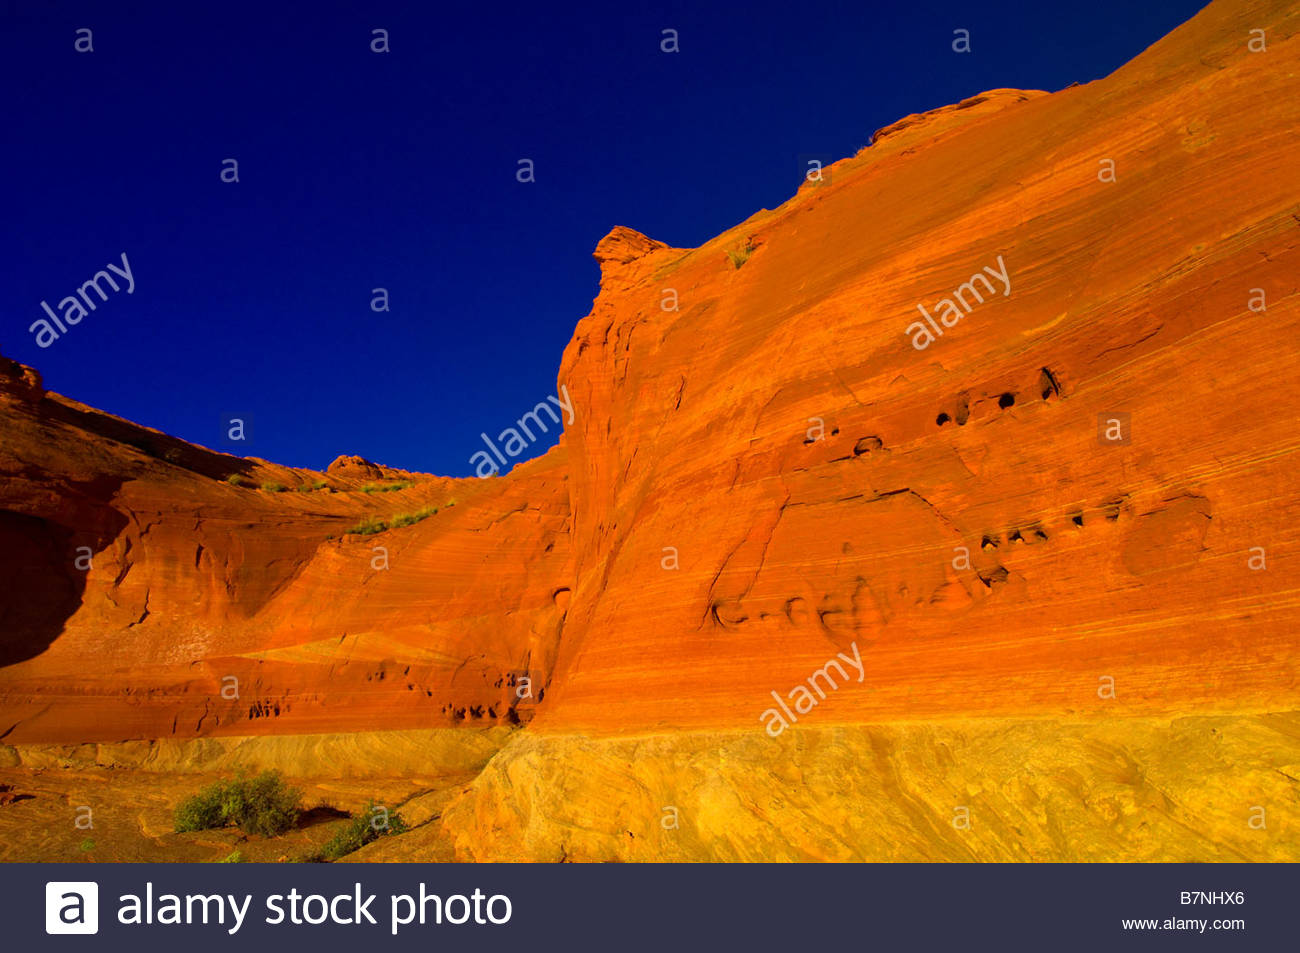 Les trous de l'eau formations Rock Canyon Navajo Nation près de Page en Arizona USA Photo Stock